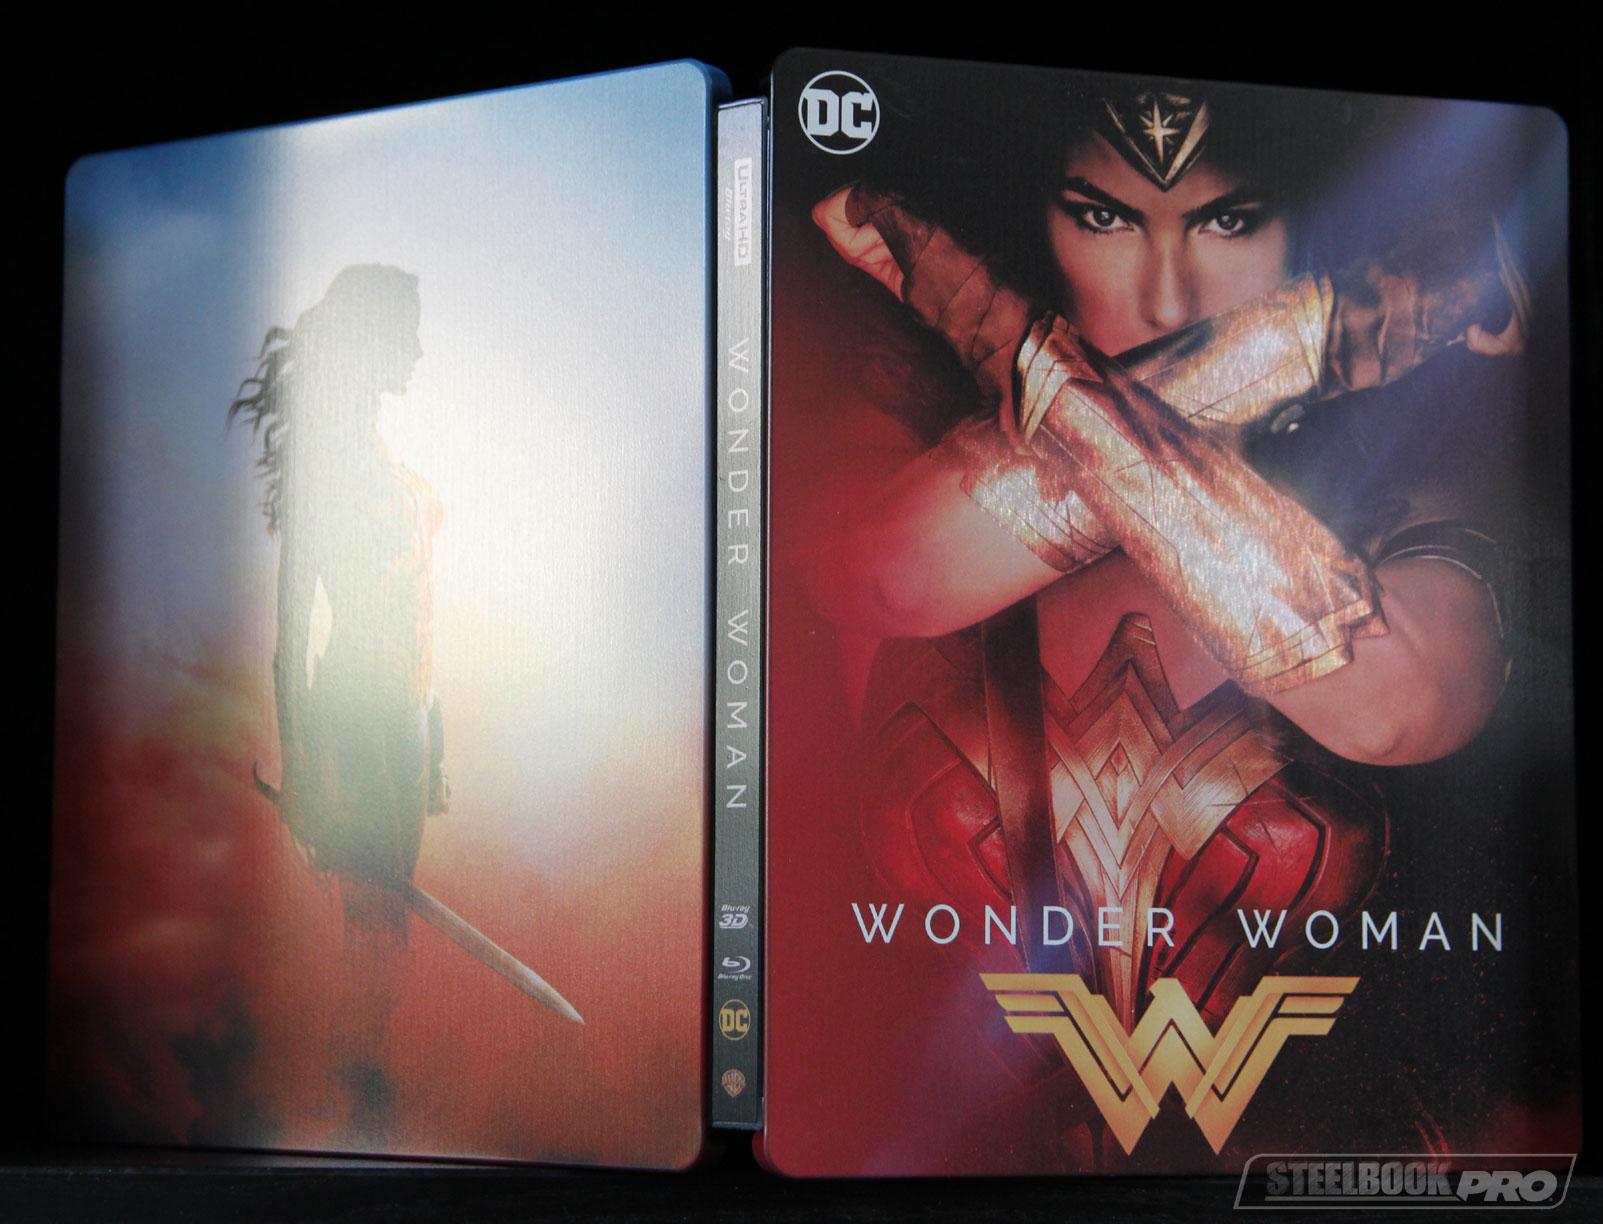 Wonder-Woman-steelbook-fr-2